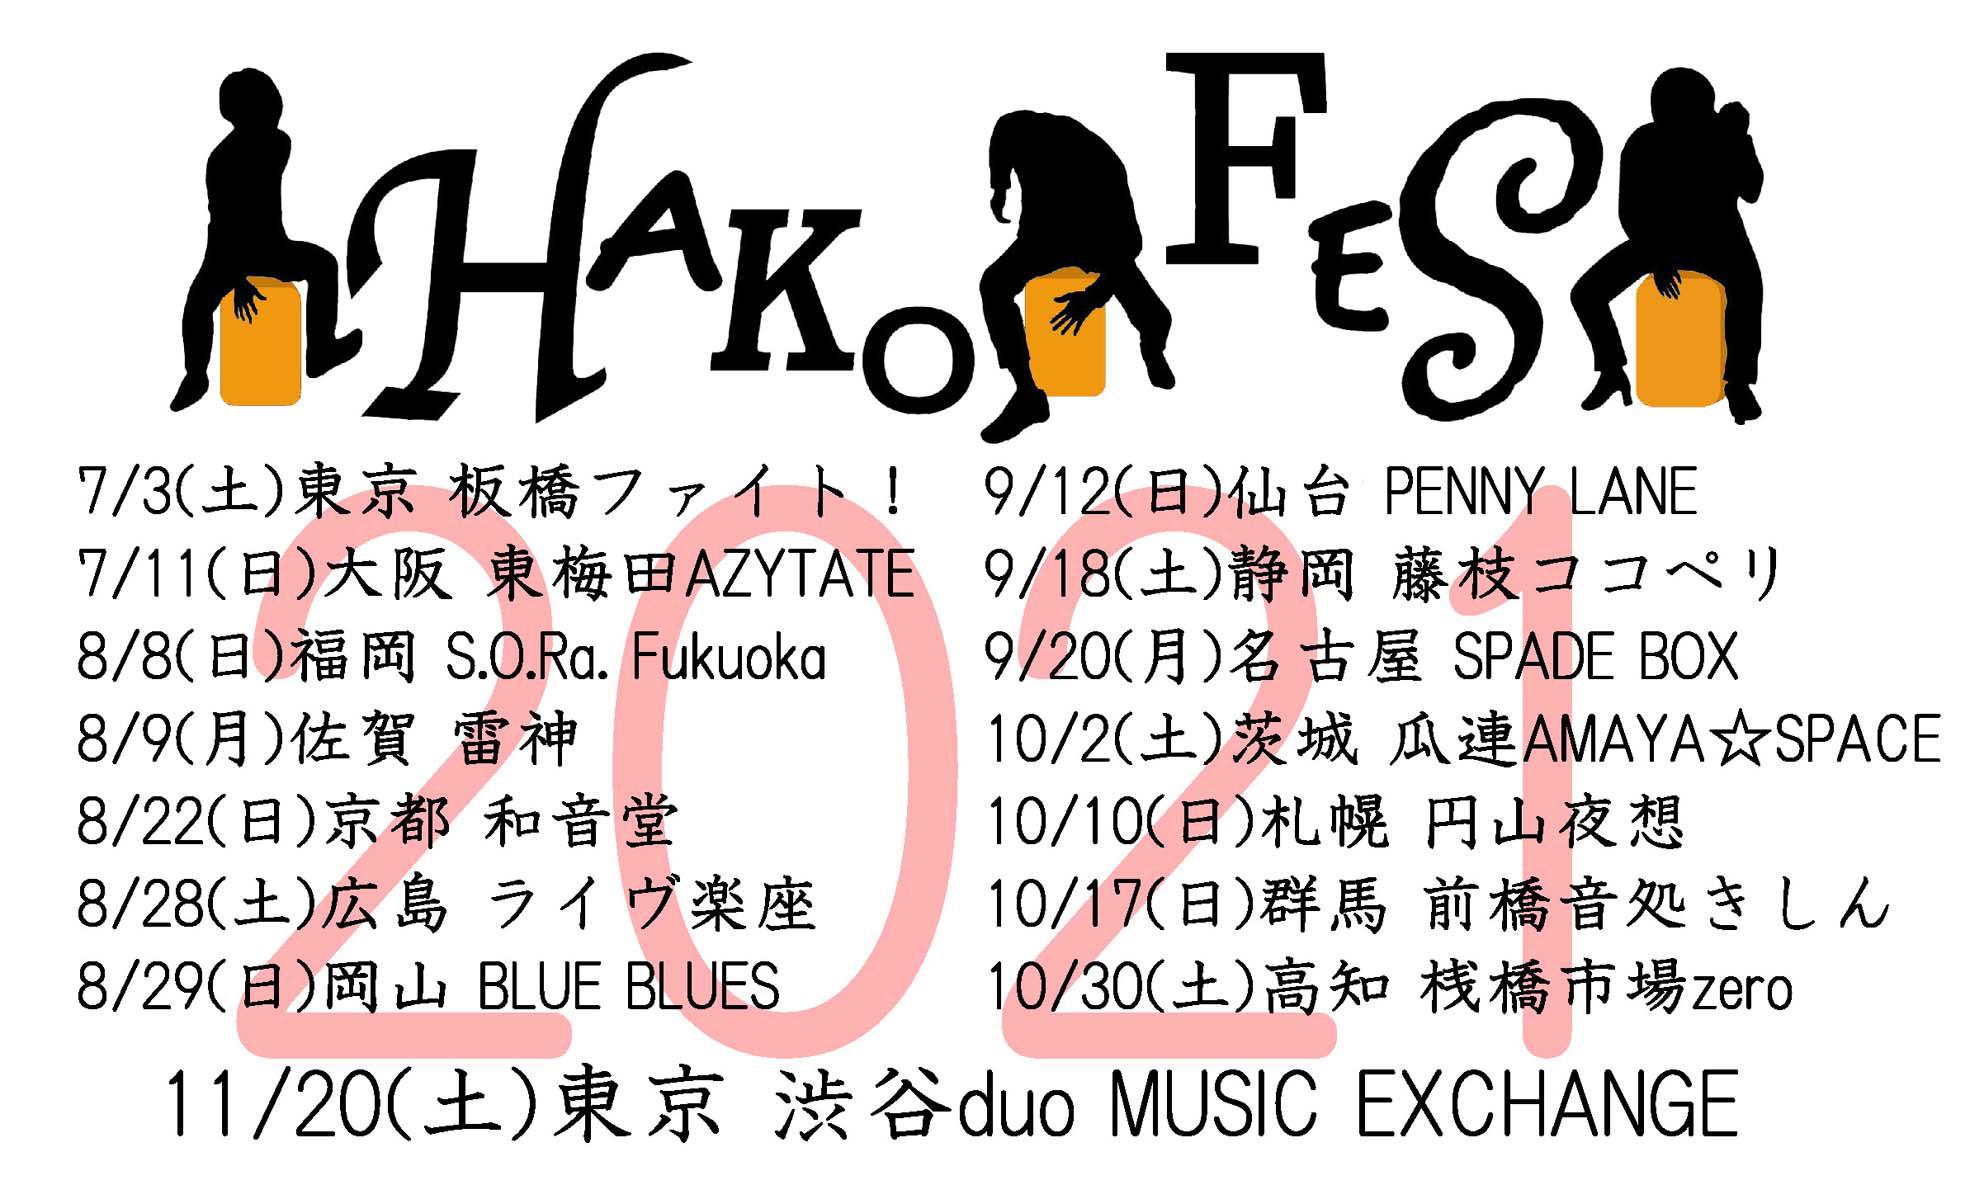 カホンの祭典 HAKO FES